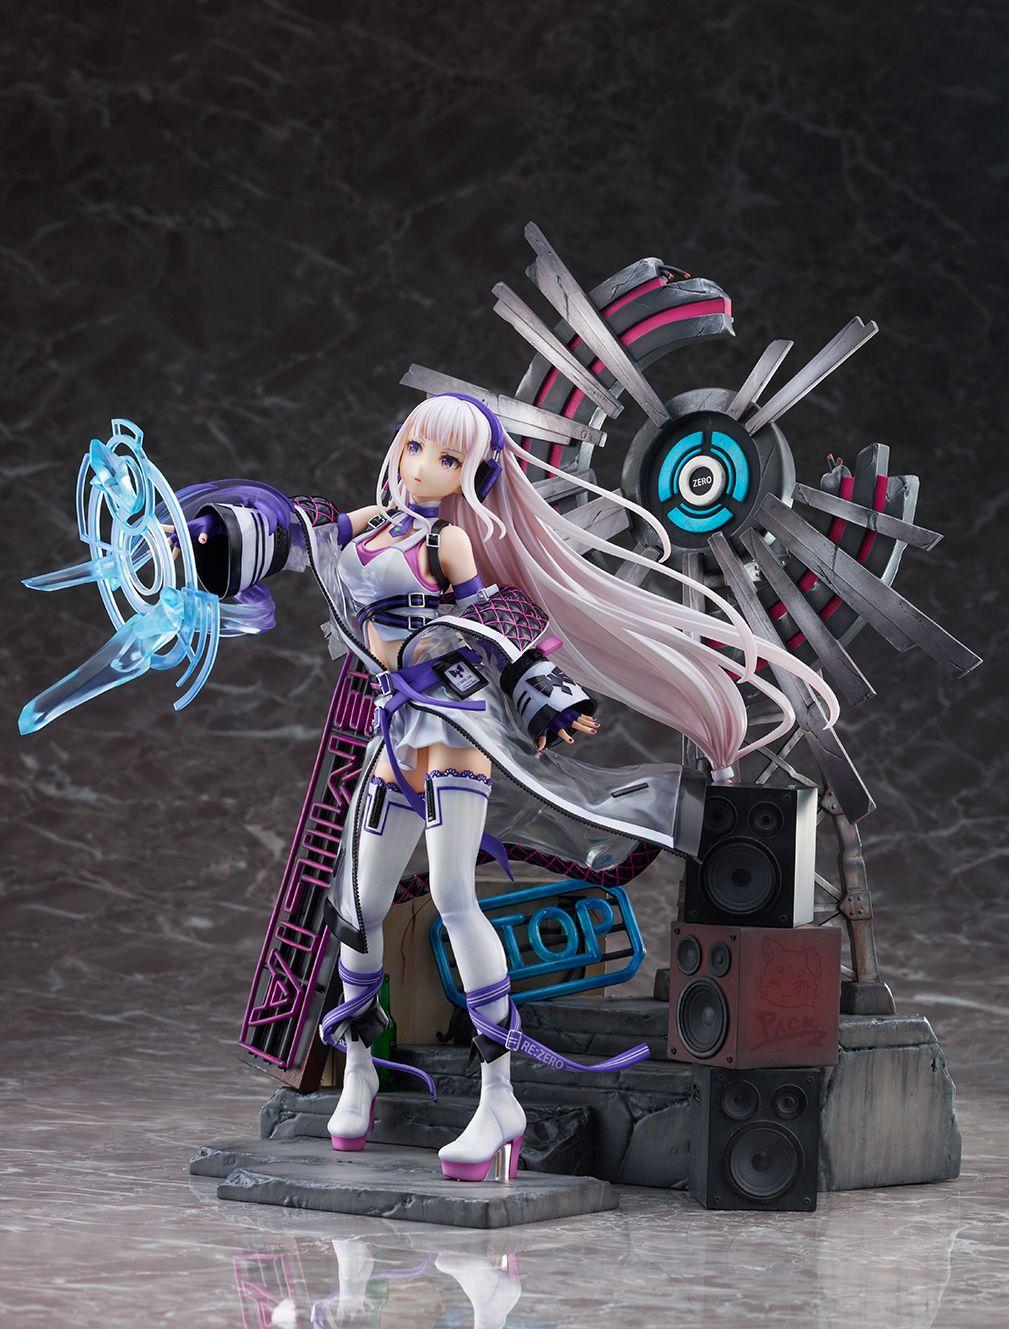 【限定販売】Re:ゼロから始める異世界生活『エミリア -Neon City Ver.-』1/7 完成品フィギュア-005